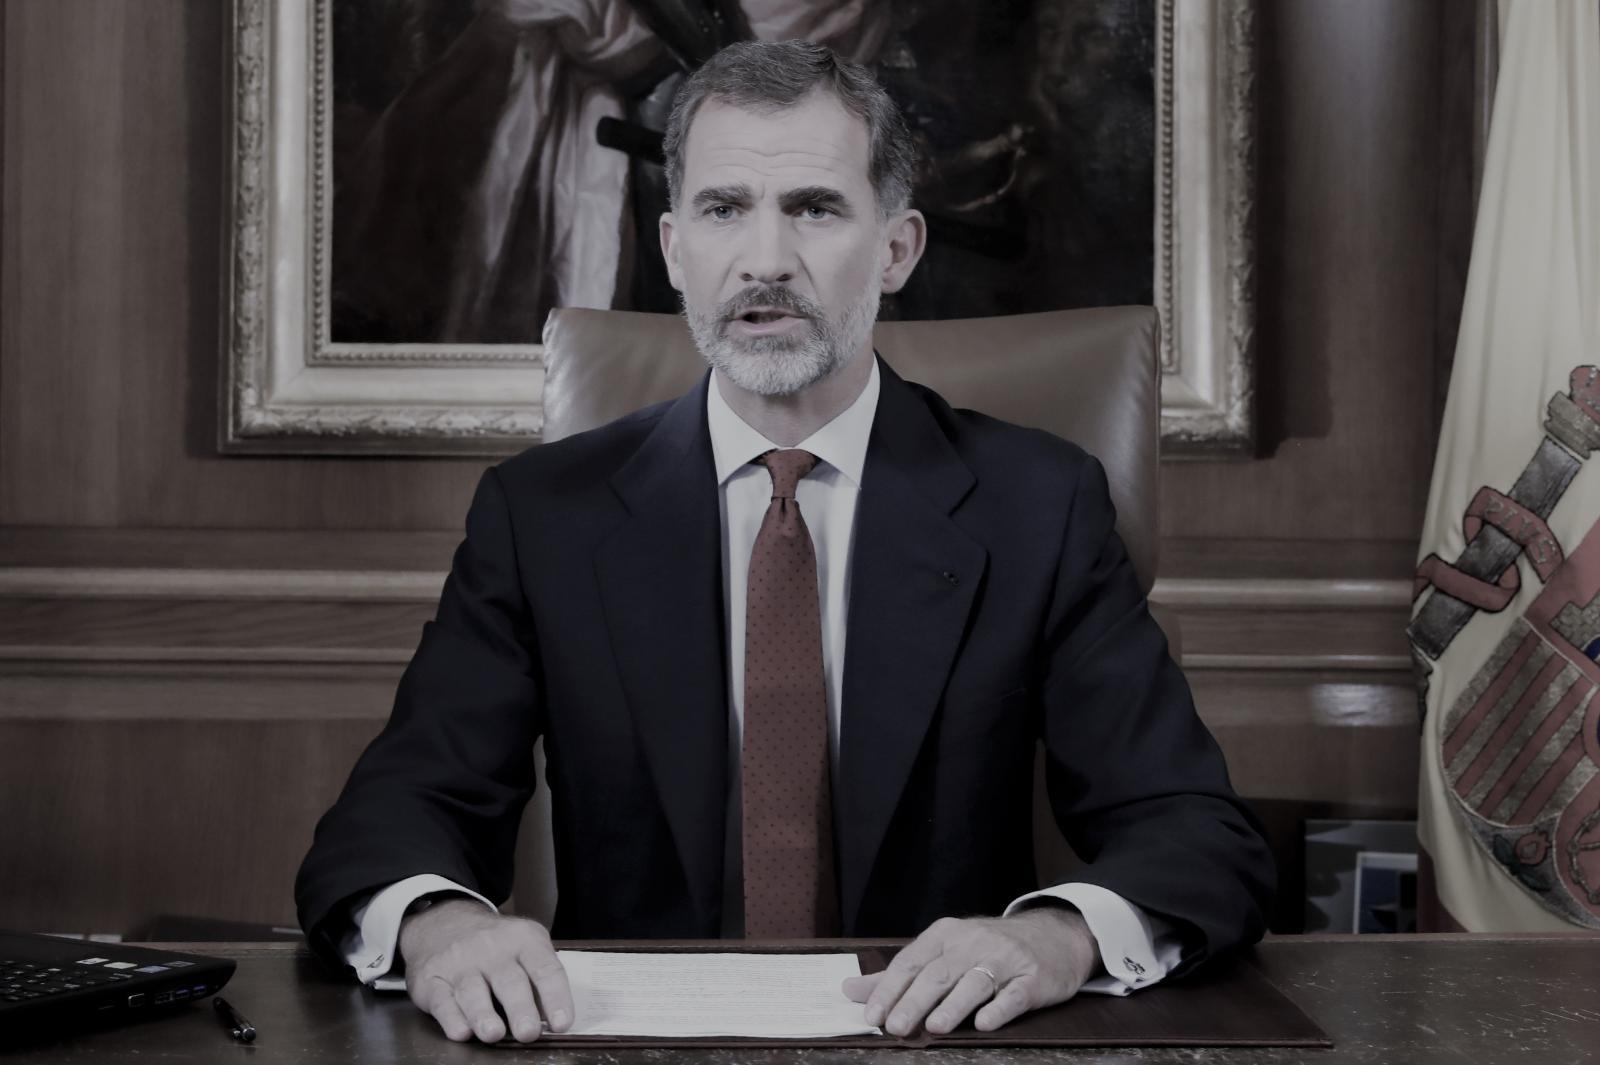 กษัตริย์สเปนประณามแคว้นกาตาลุญญาลงประชามติแยกตัว